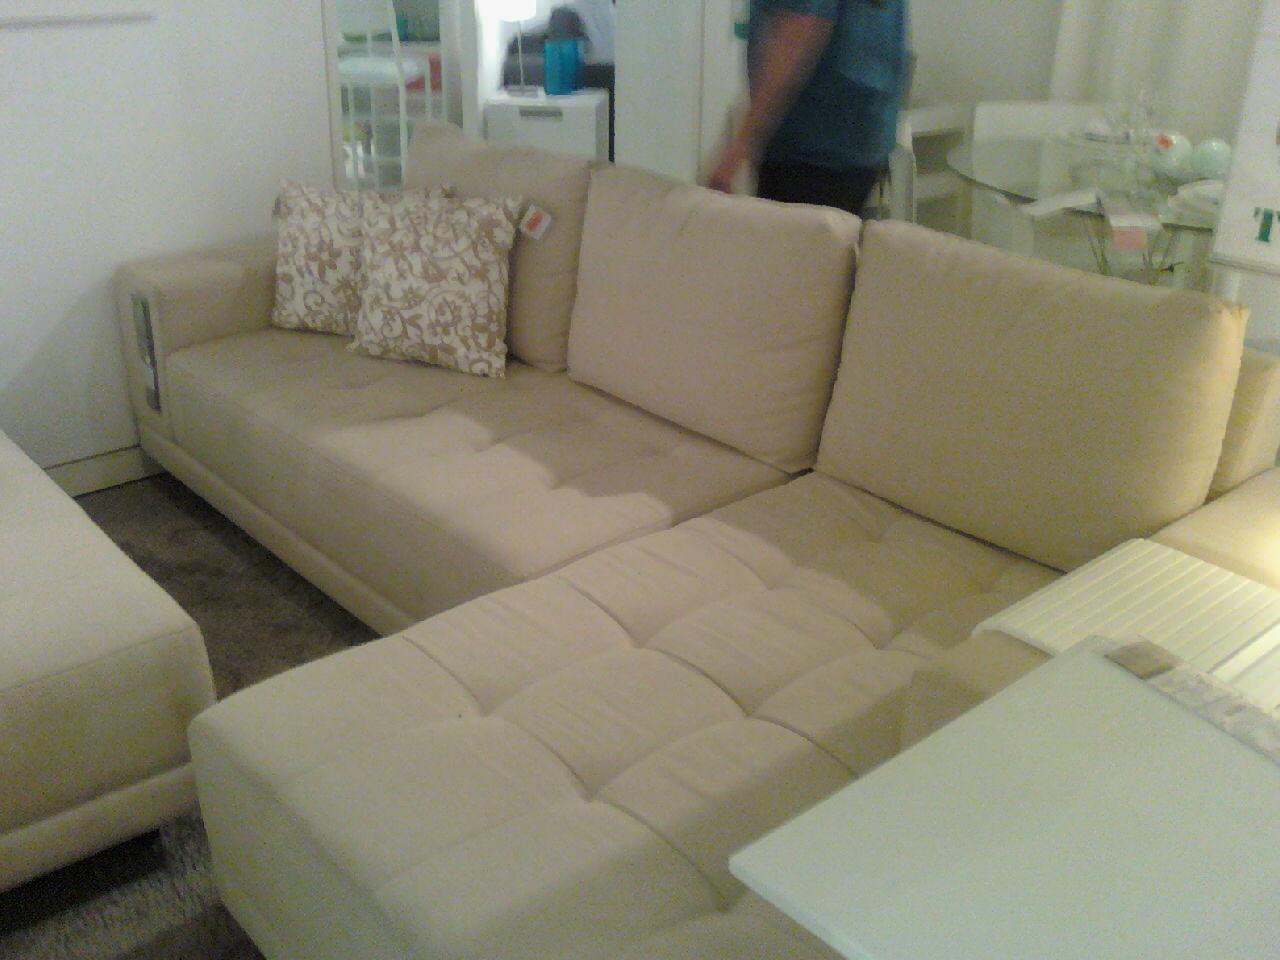 Kaza dos thucos sof mesa tok stok for Sofa cama armario